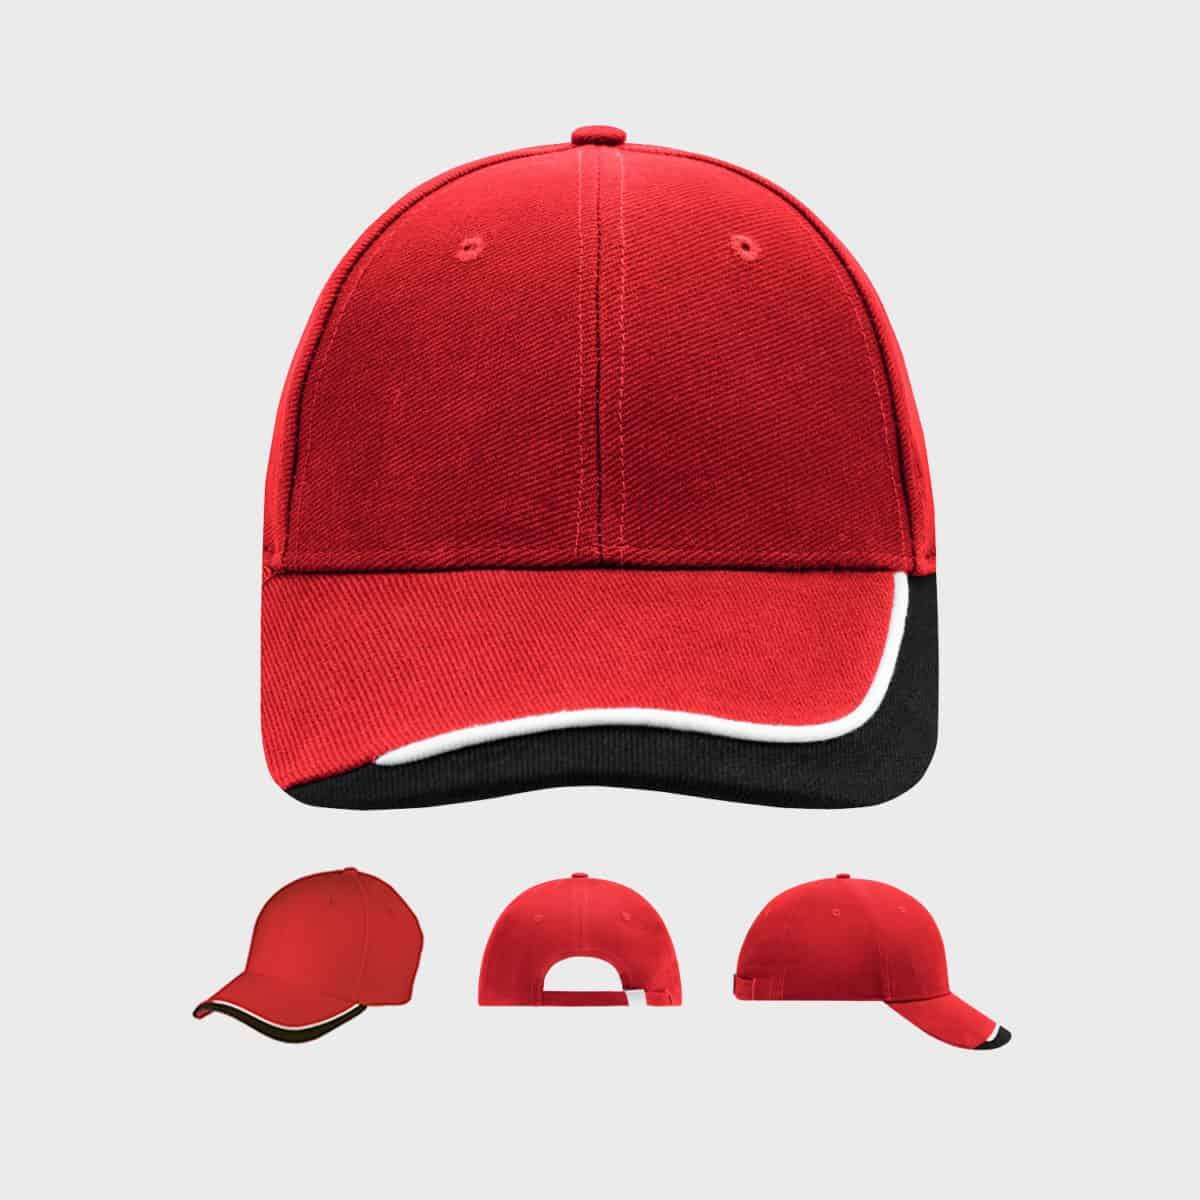 half-pipe-sandwich-cap-unisex-6-panel-red-white-black-kaufen-besticken_stickmanufaktur